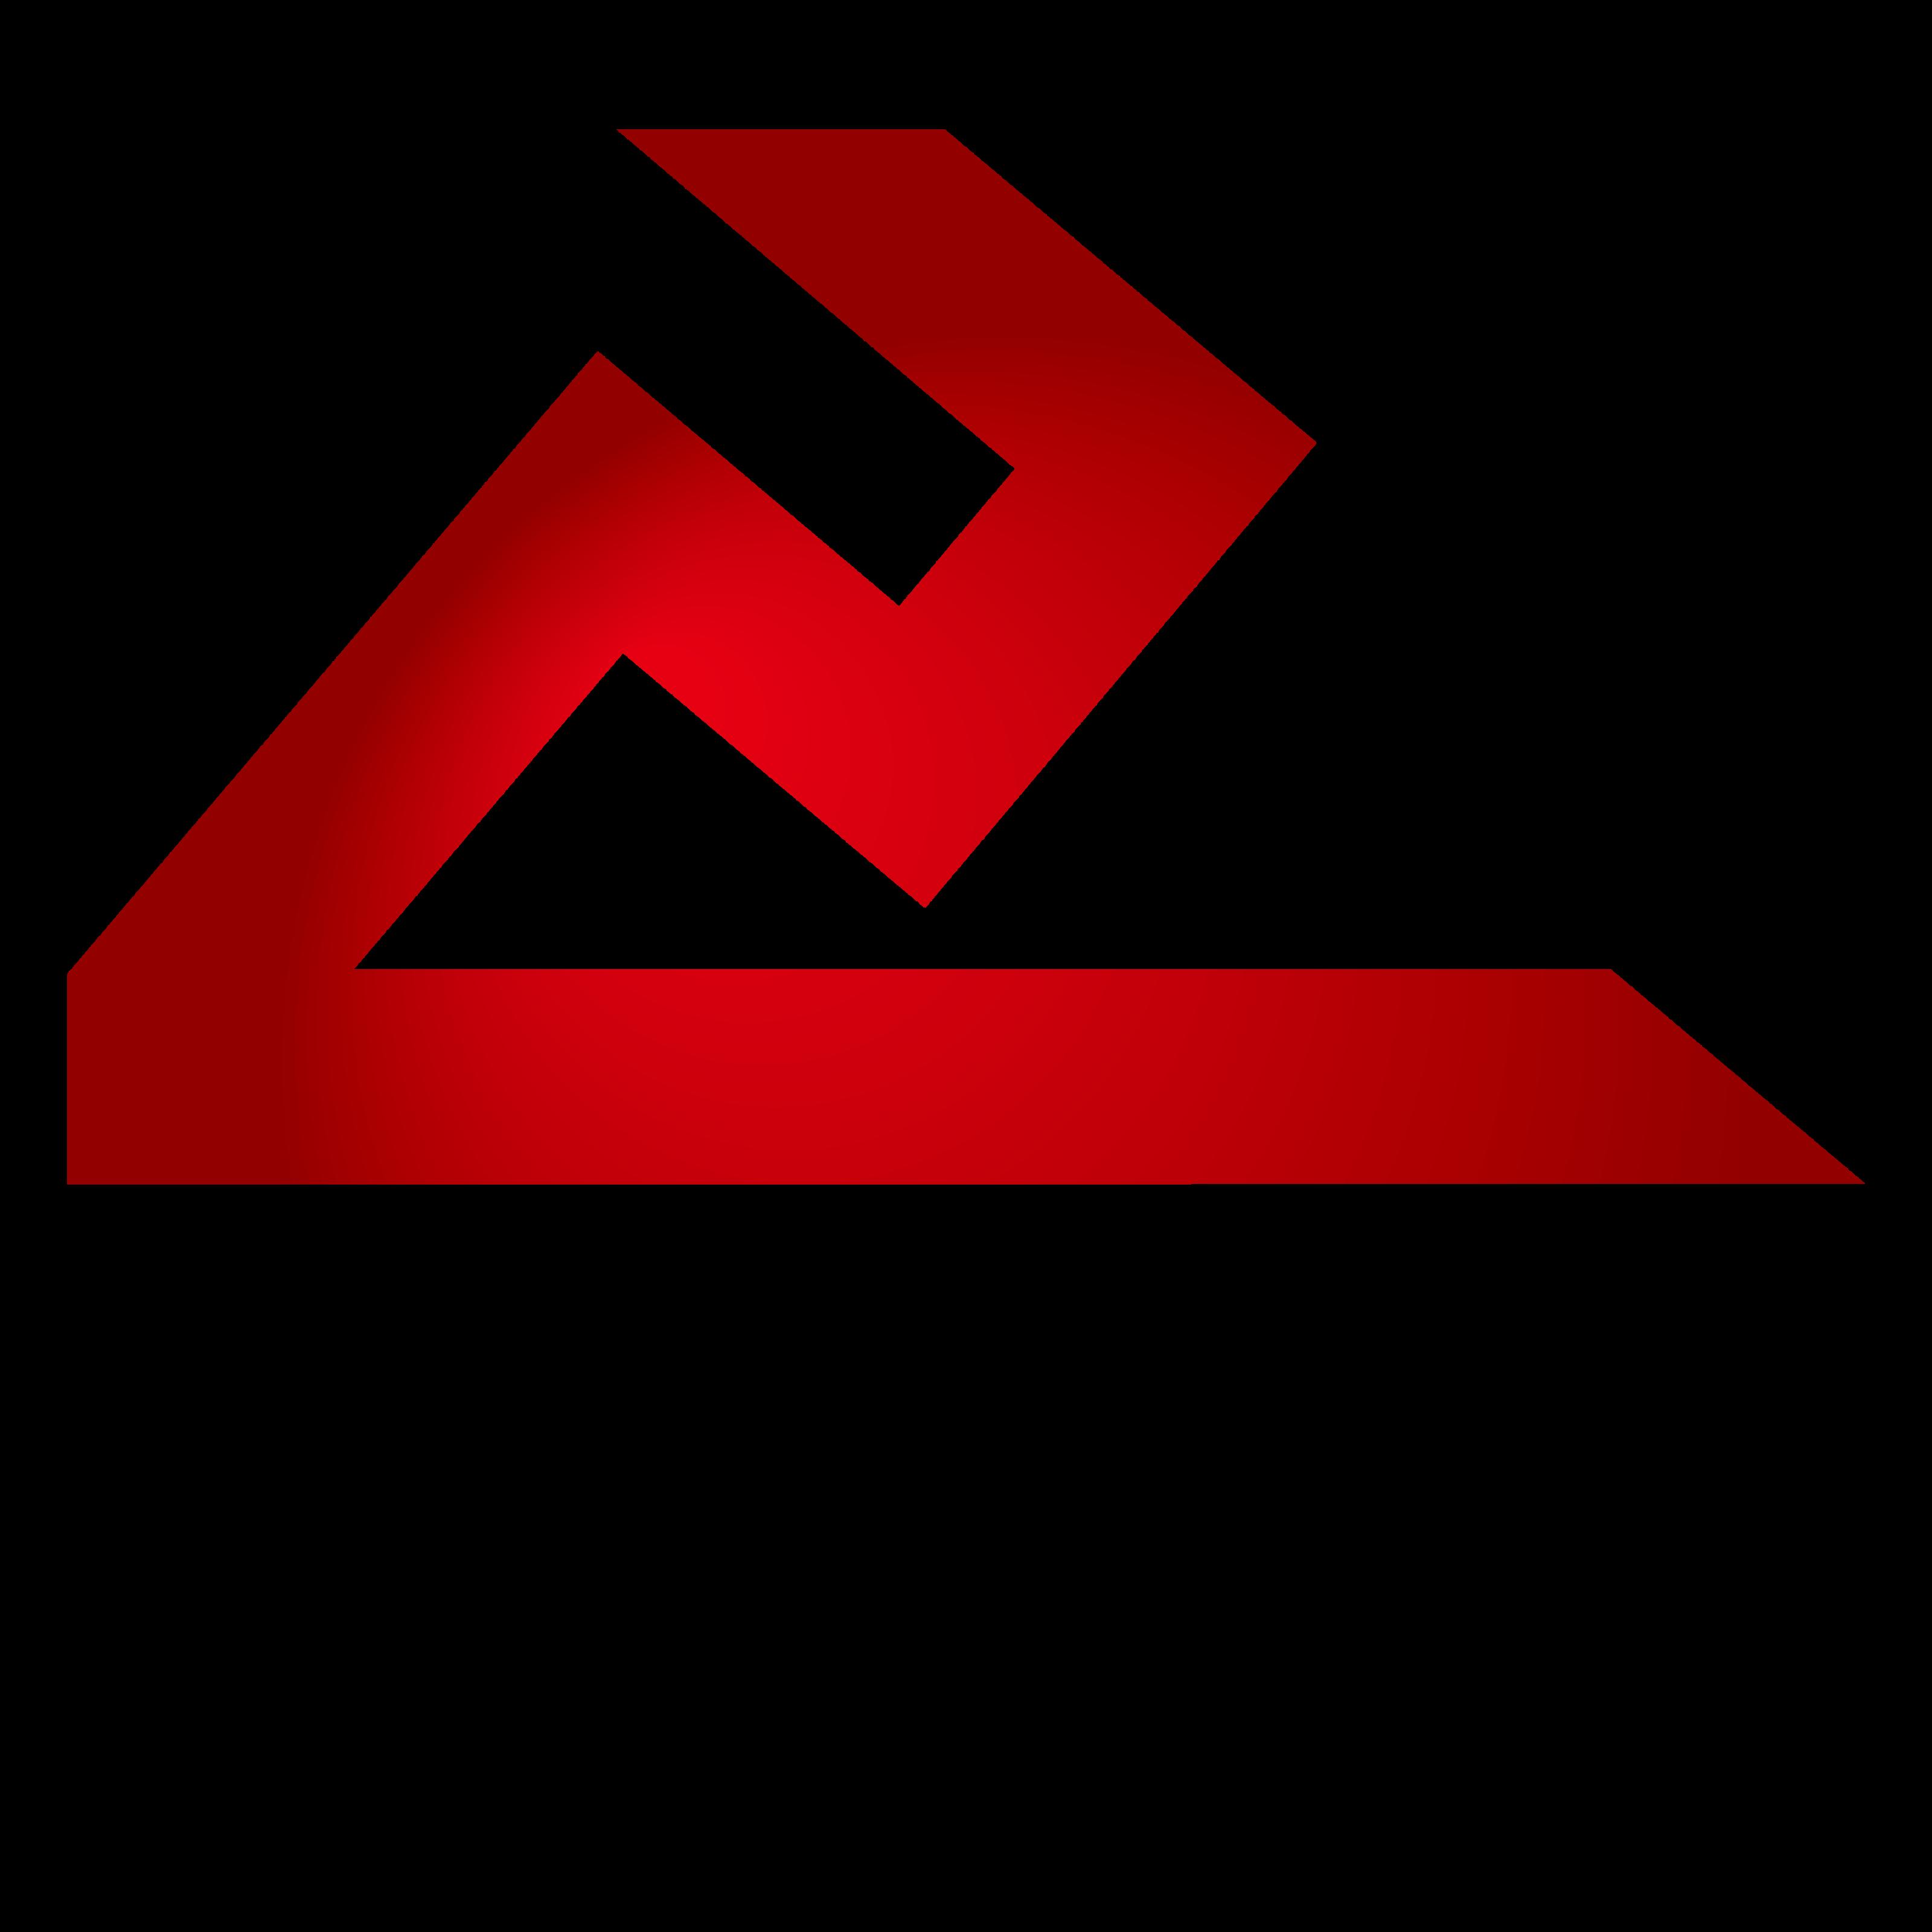 株式会社NEXOTT